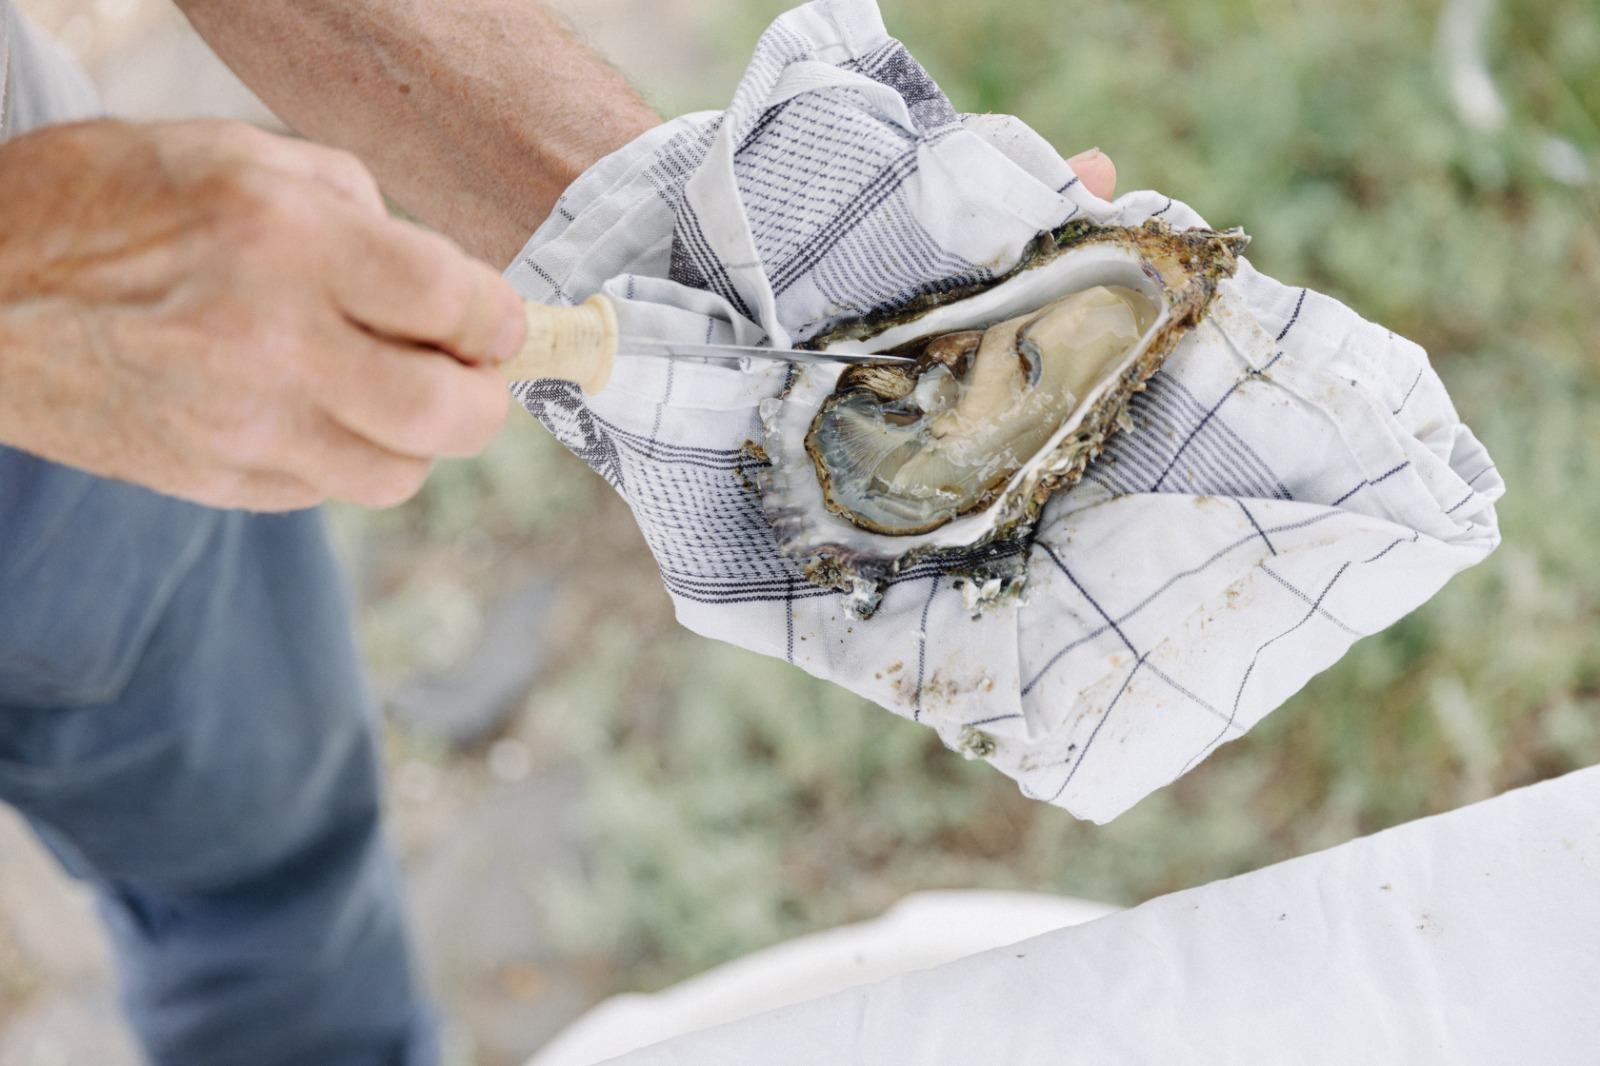 Oester die net is open gemaakt en ligt in een hand met daarop een blauw witte theedoek.